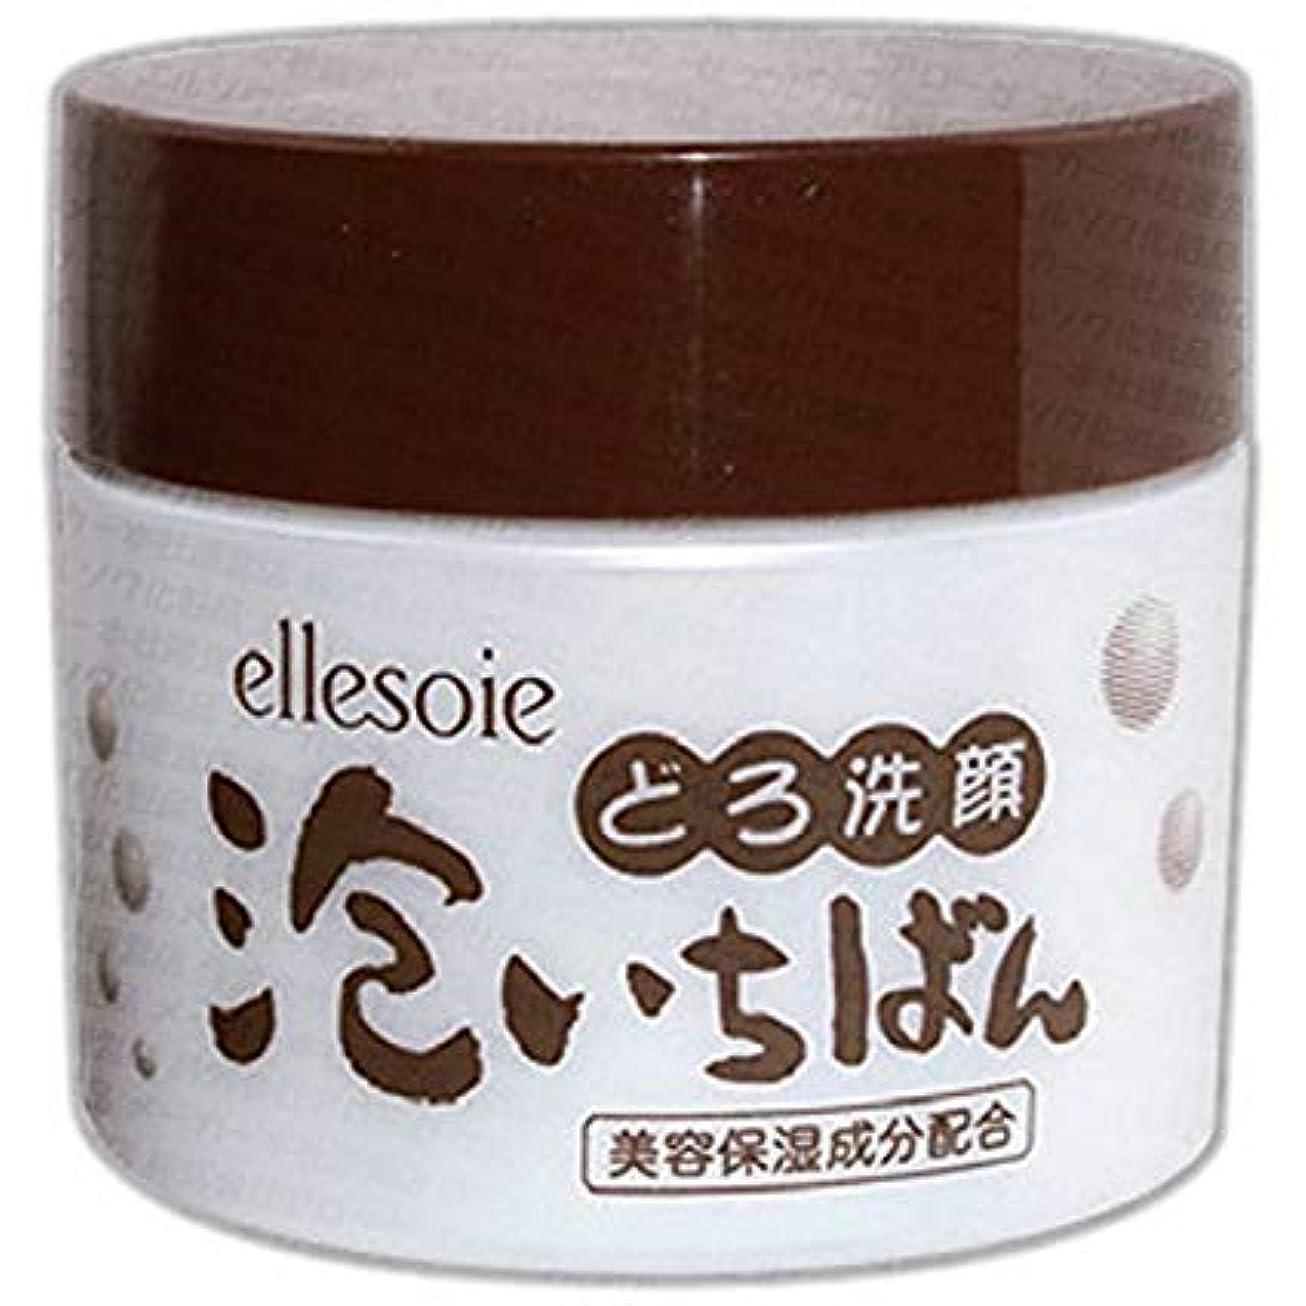 消す取り除くナイトスポットエルソワ化粧品(ellesoie) どろ洗顔 泡いちばん 120g入り (ジャー容器入り120g)